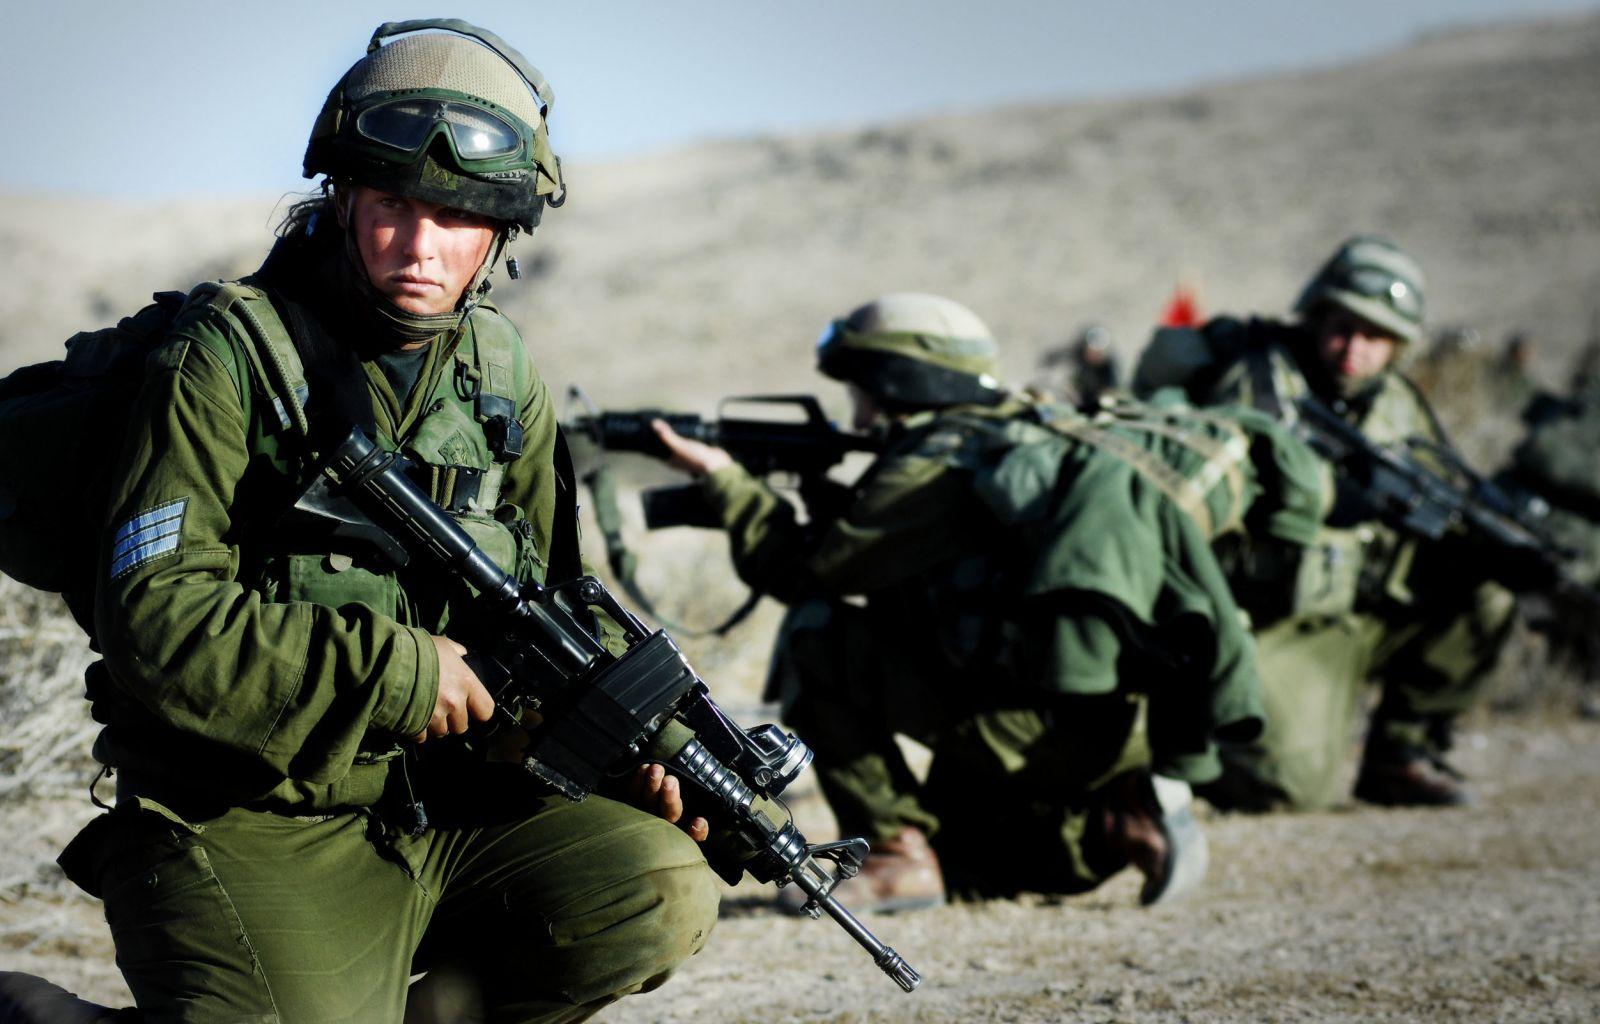 إطلاق نار على فلسطينيين قرب السياج الأمني مع غزة